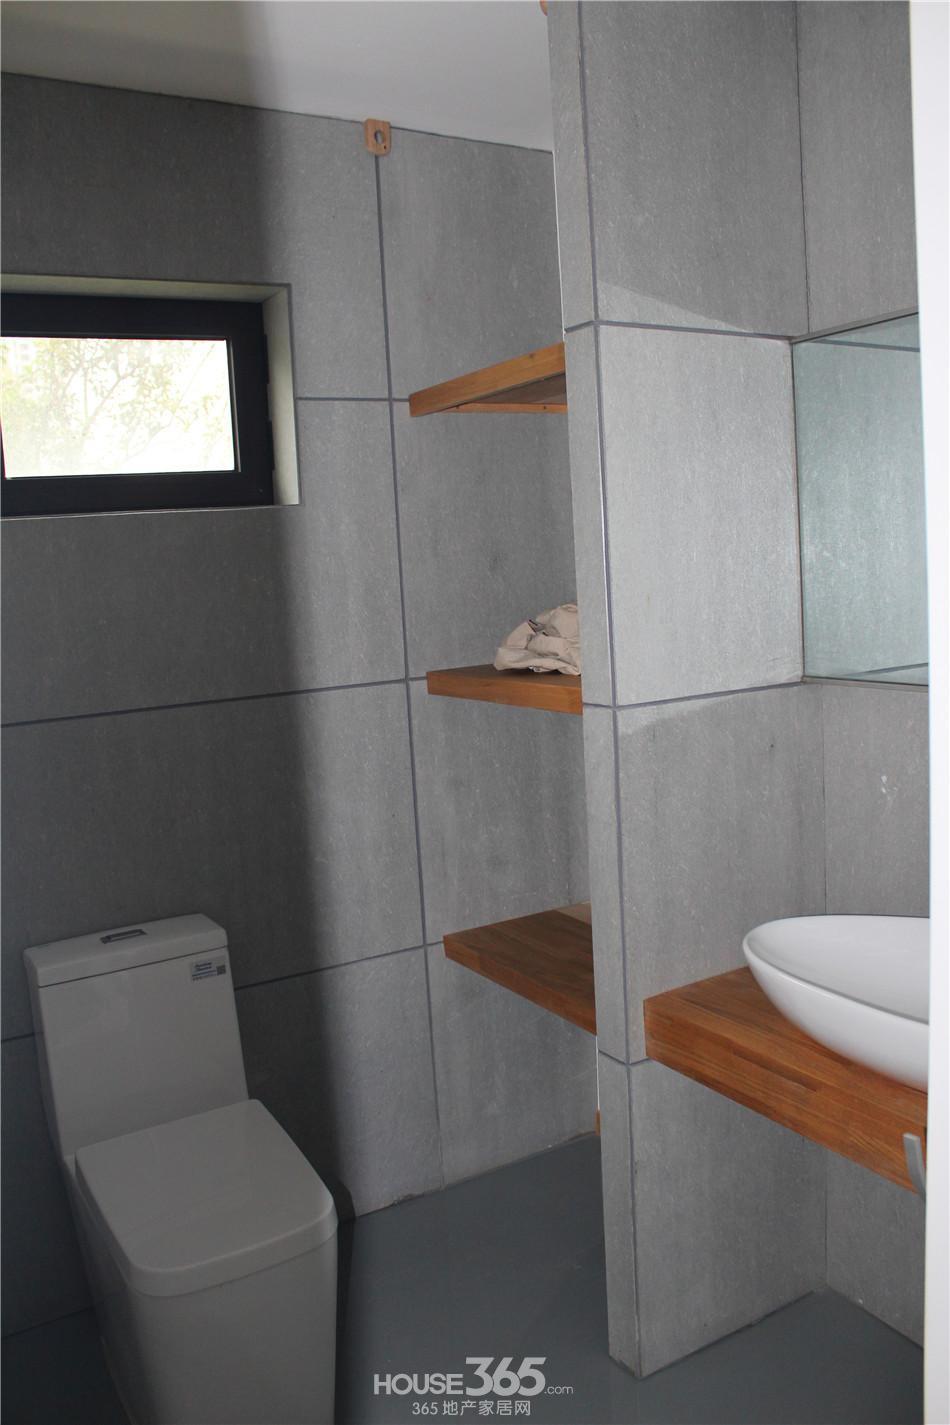 楼下卫生间干湿分离,洗漱和上厕所互不影响